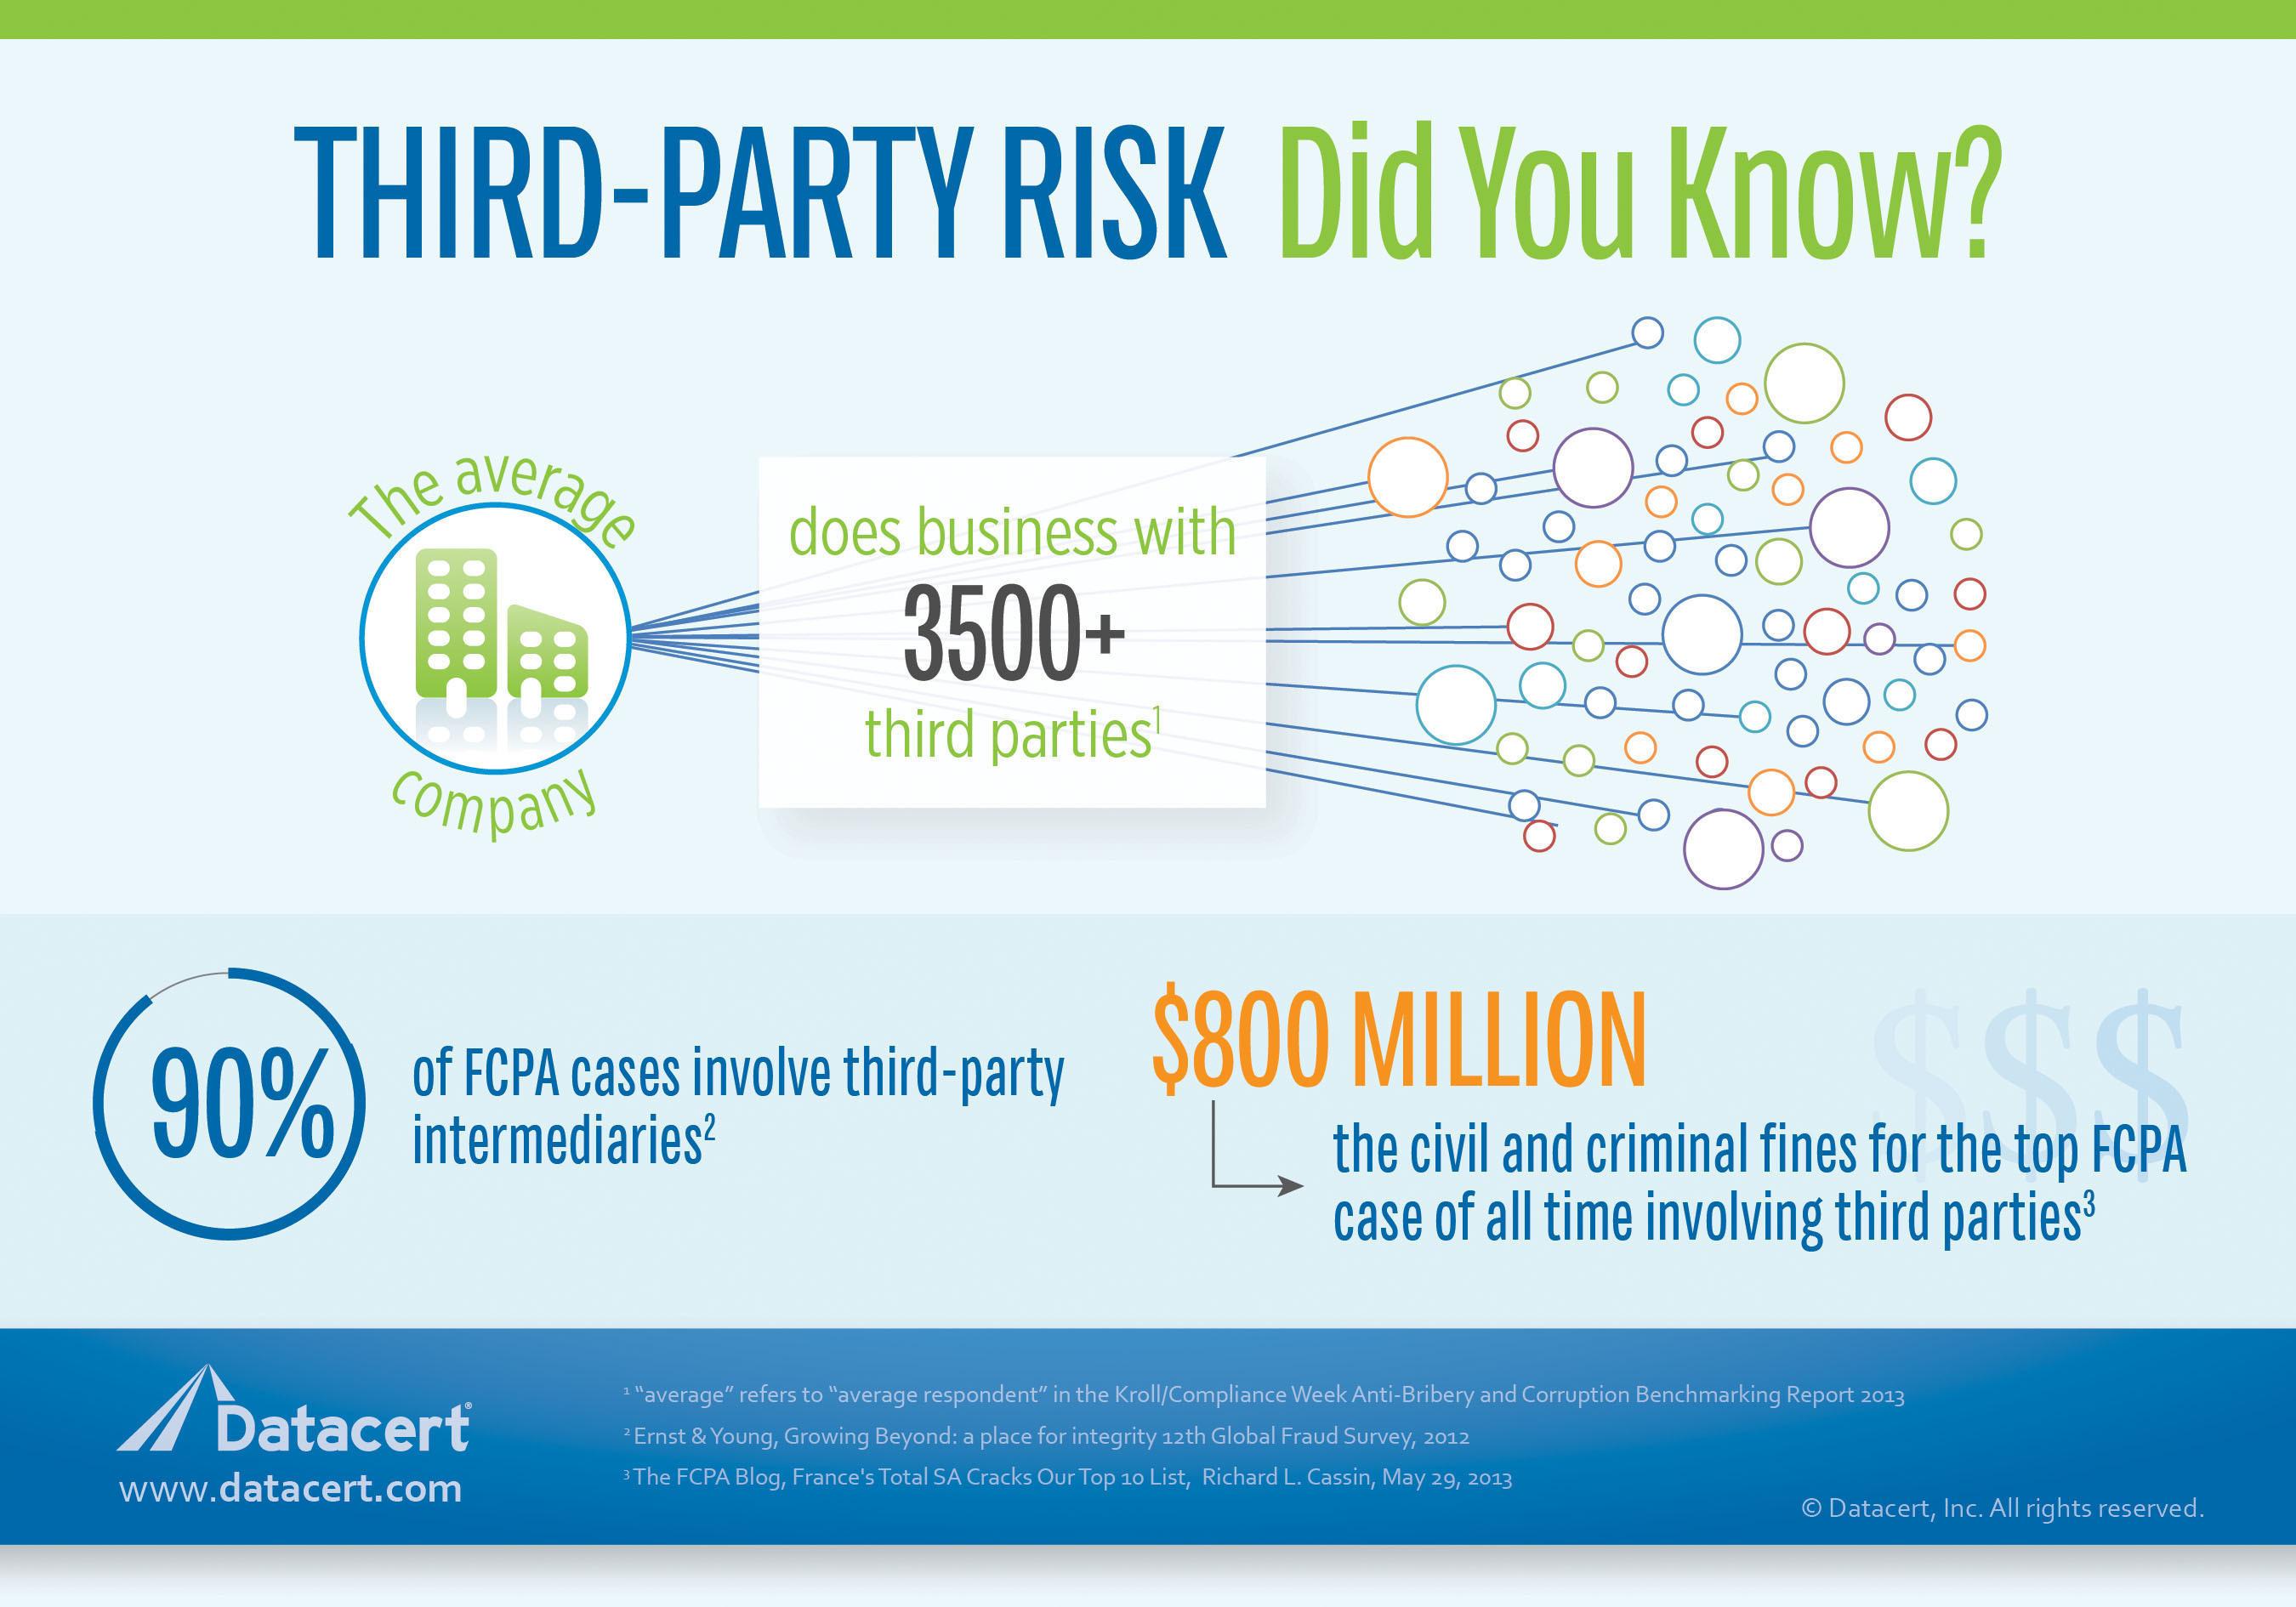 Datacert ayuda a las compañías a gestionar de forma eficaz sus riesgos de terceras partes